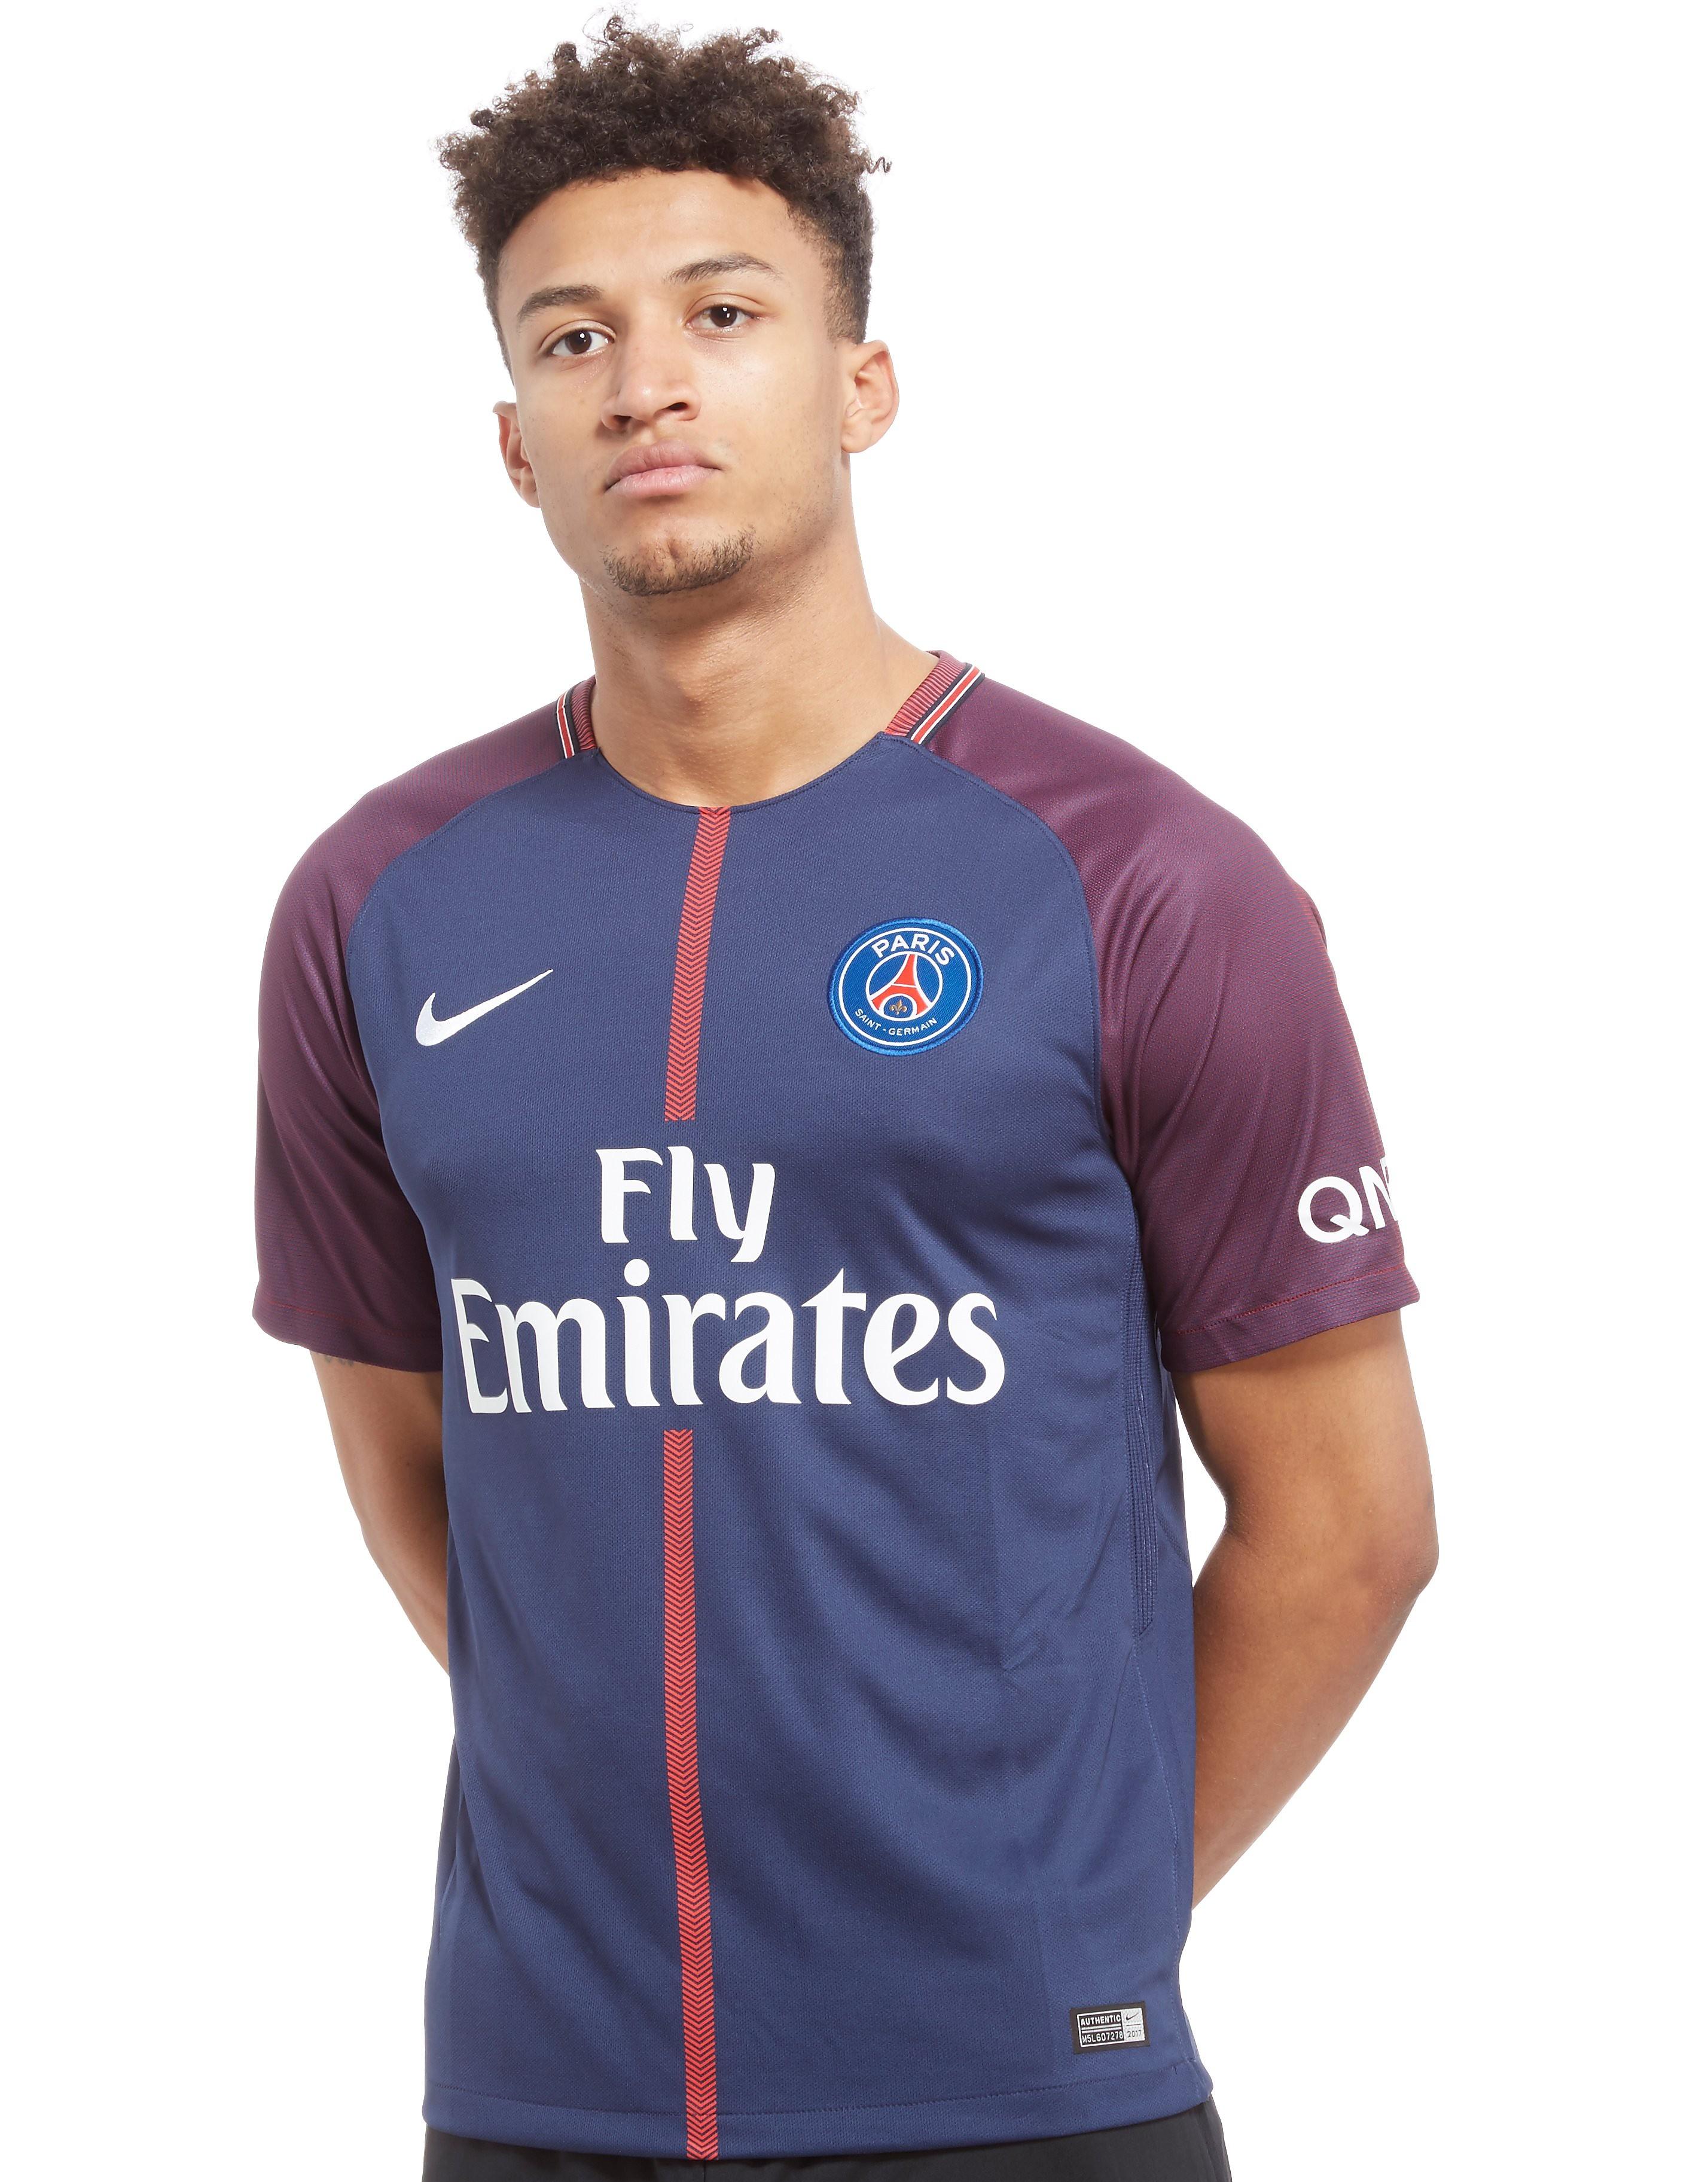 Nike Paris Saint Germain Neymar #10 2017/18 Home Shirt